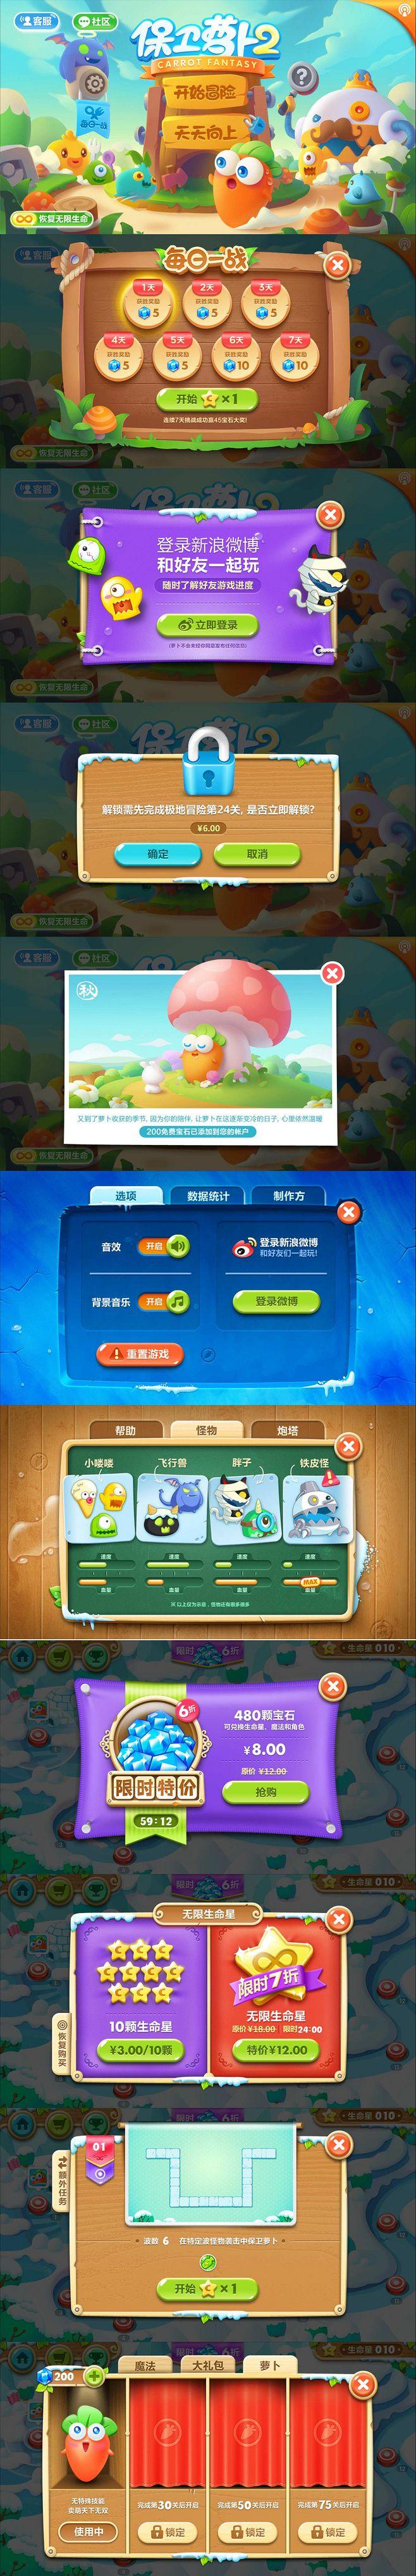 游戏UI 游戏界面截图